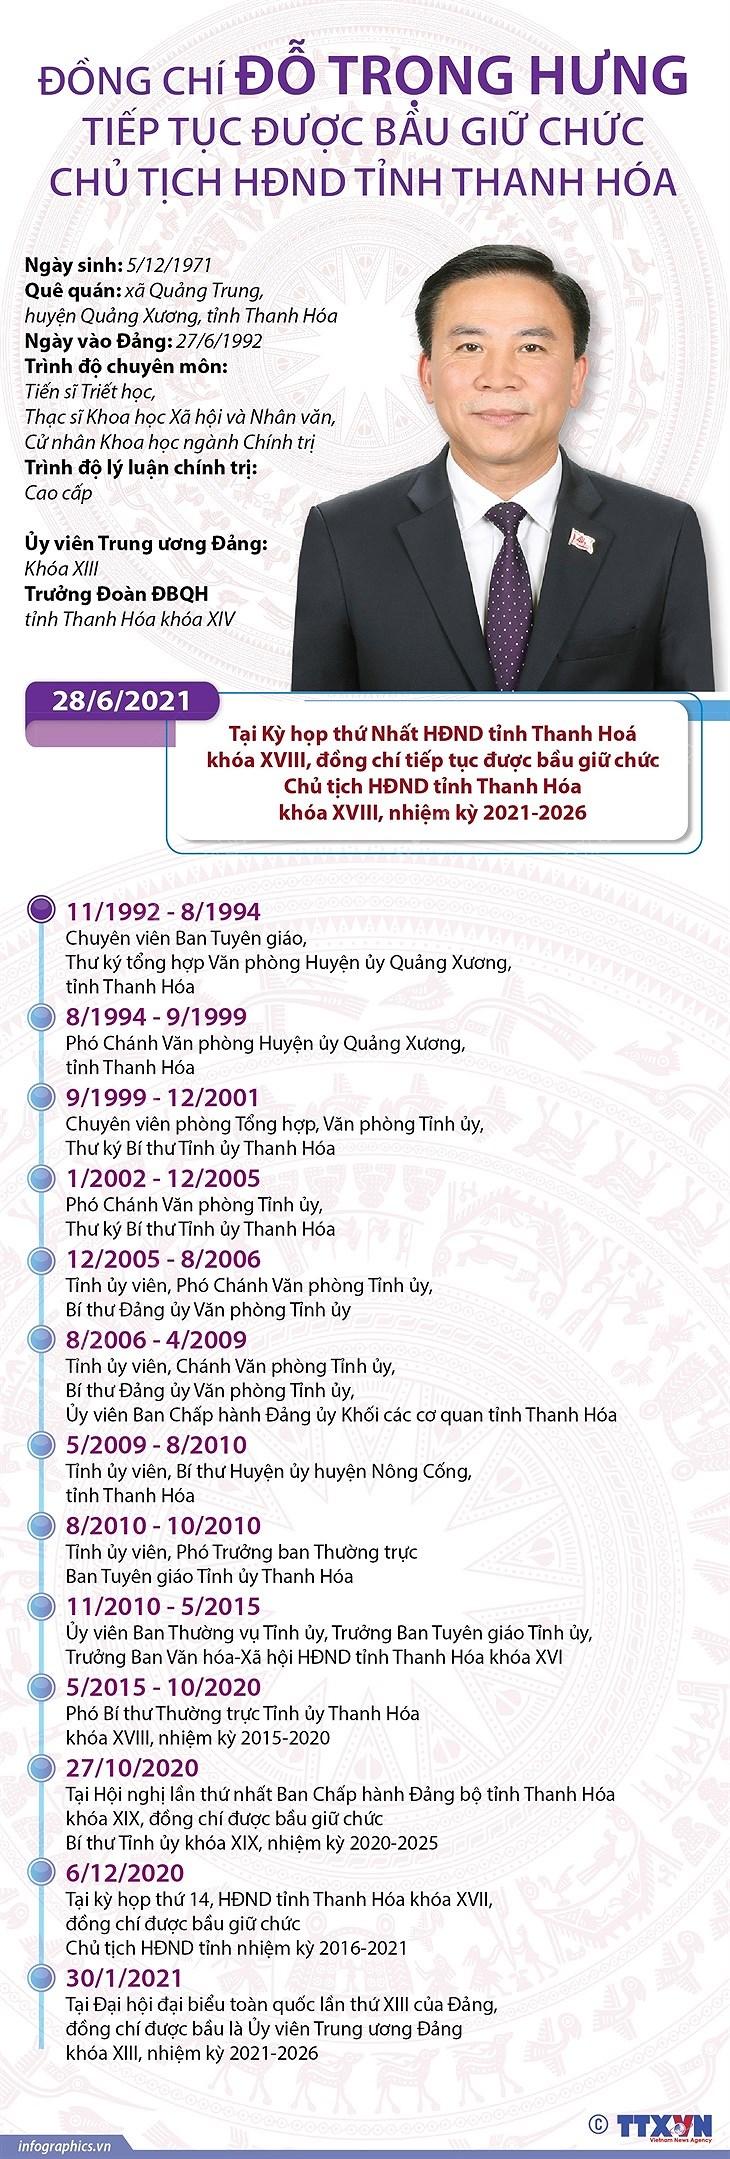 [Infographics] Ong Do Trong Hung giu chuc Chu tich HDND tinh Thanh Hoa hinh anh 1